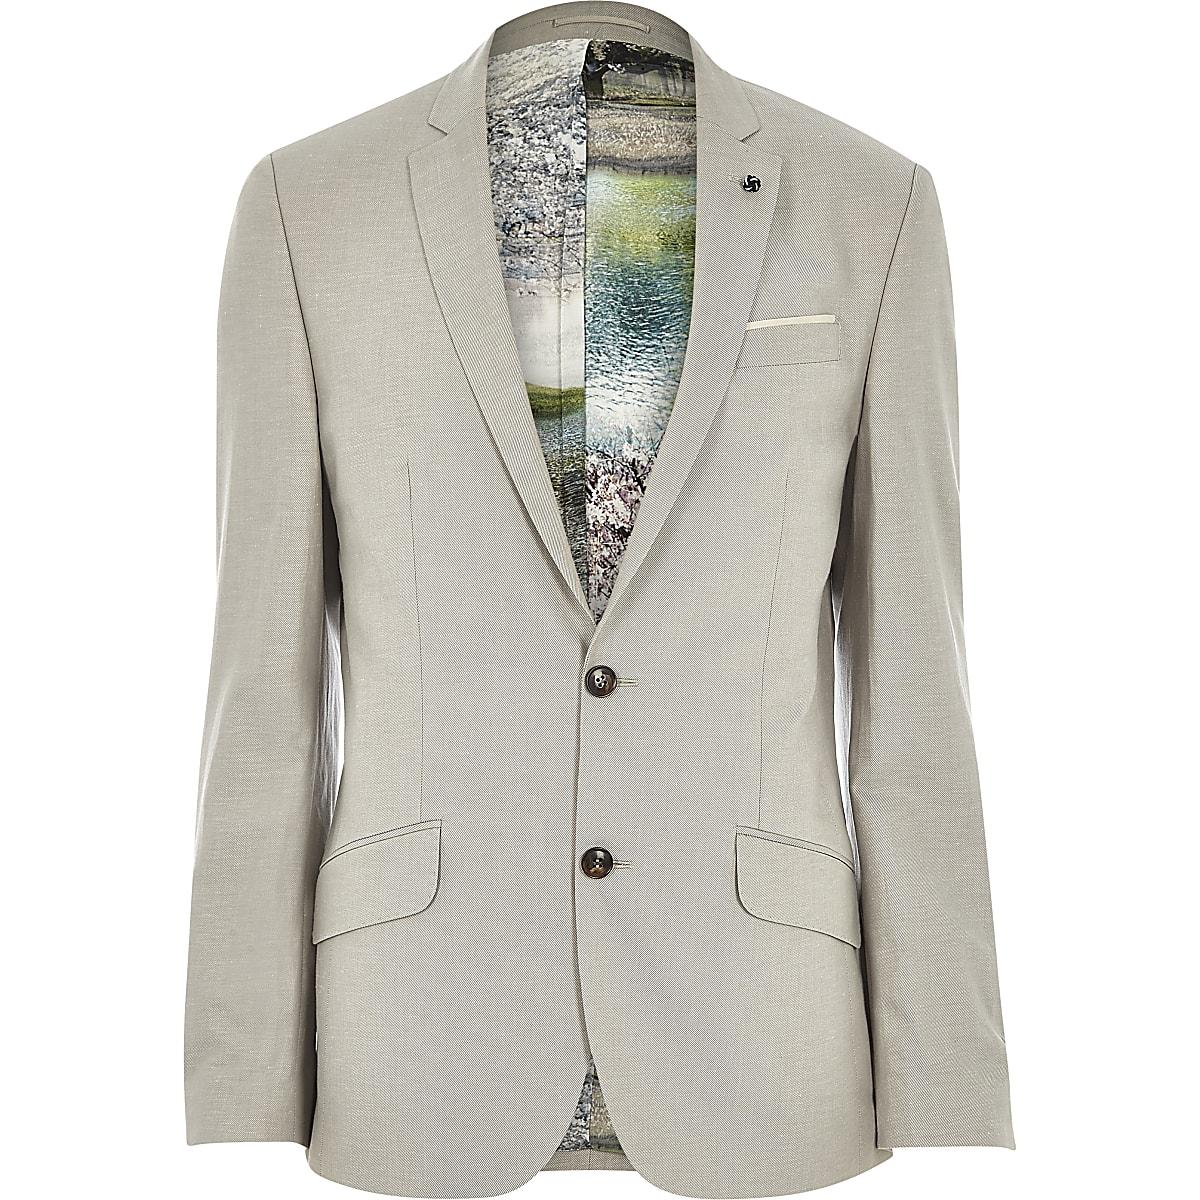 Veste de costume cintrée en lin mélangé beige imprimé